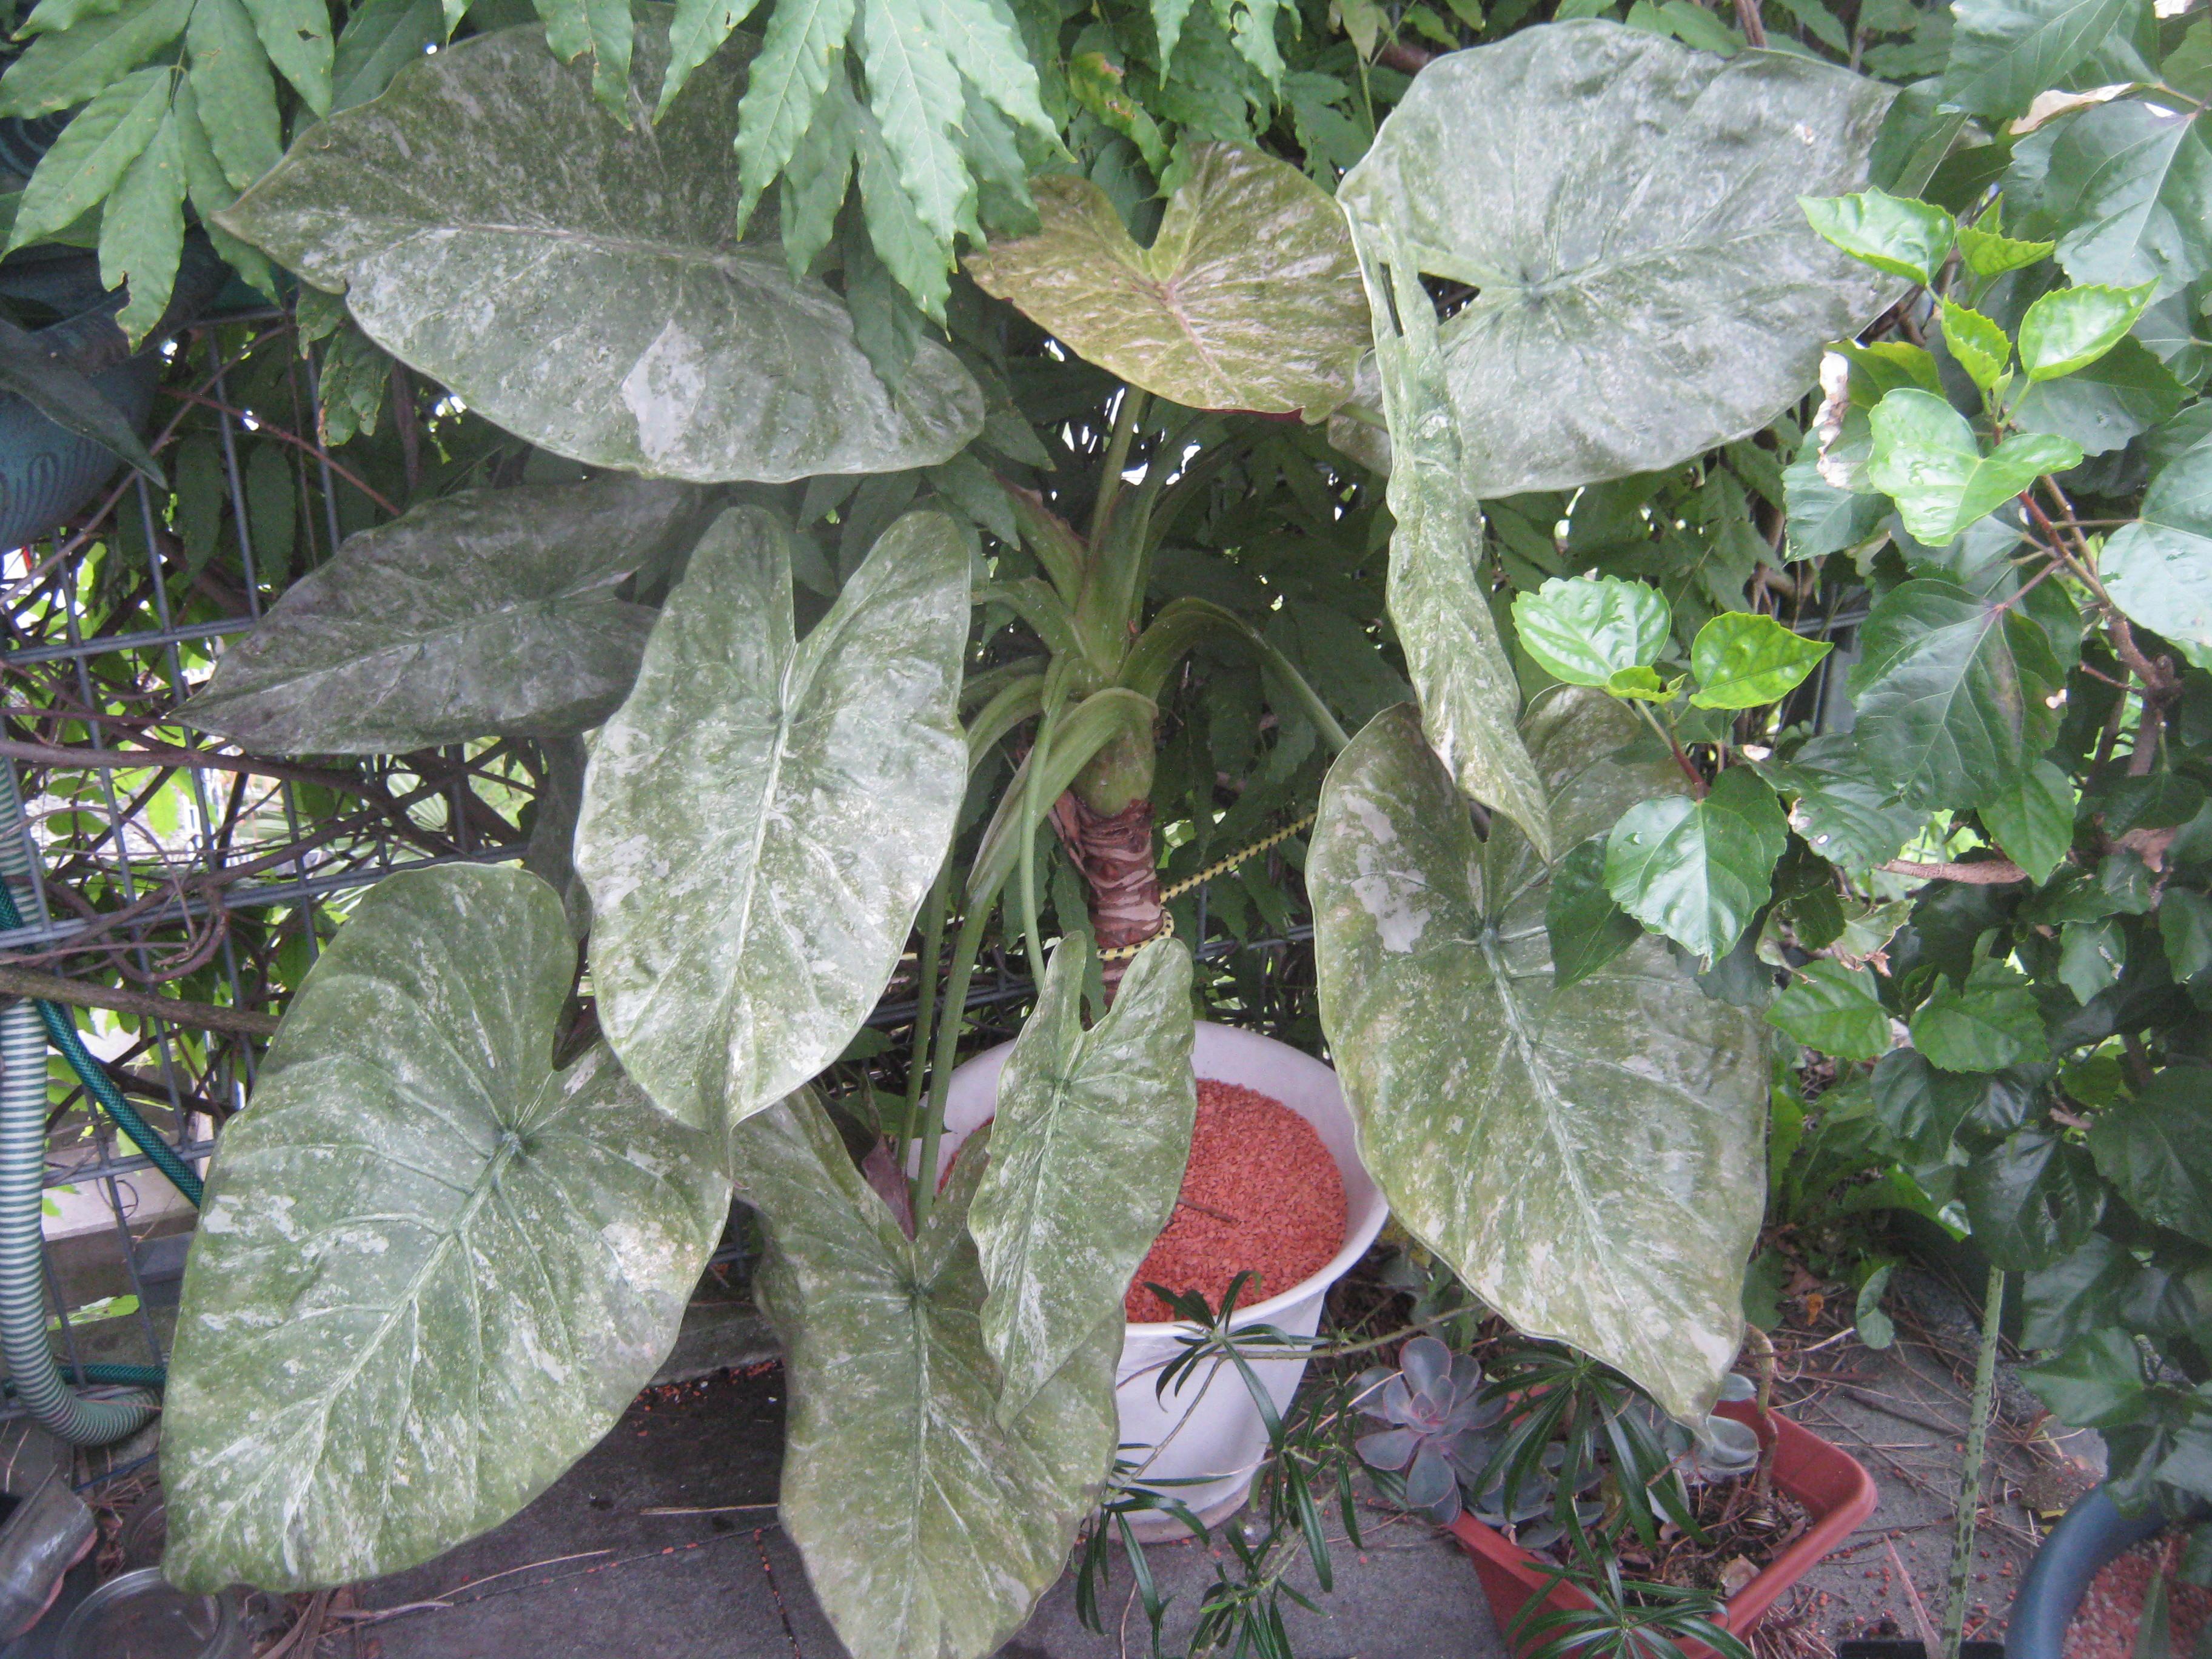 F r jeden gibt es die richtige pflanze - Schattenpflanzen zimmer ...